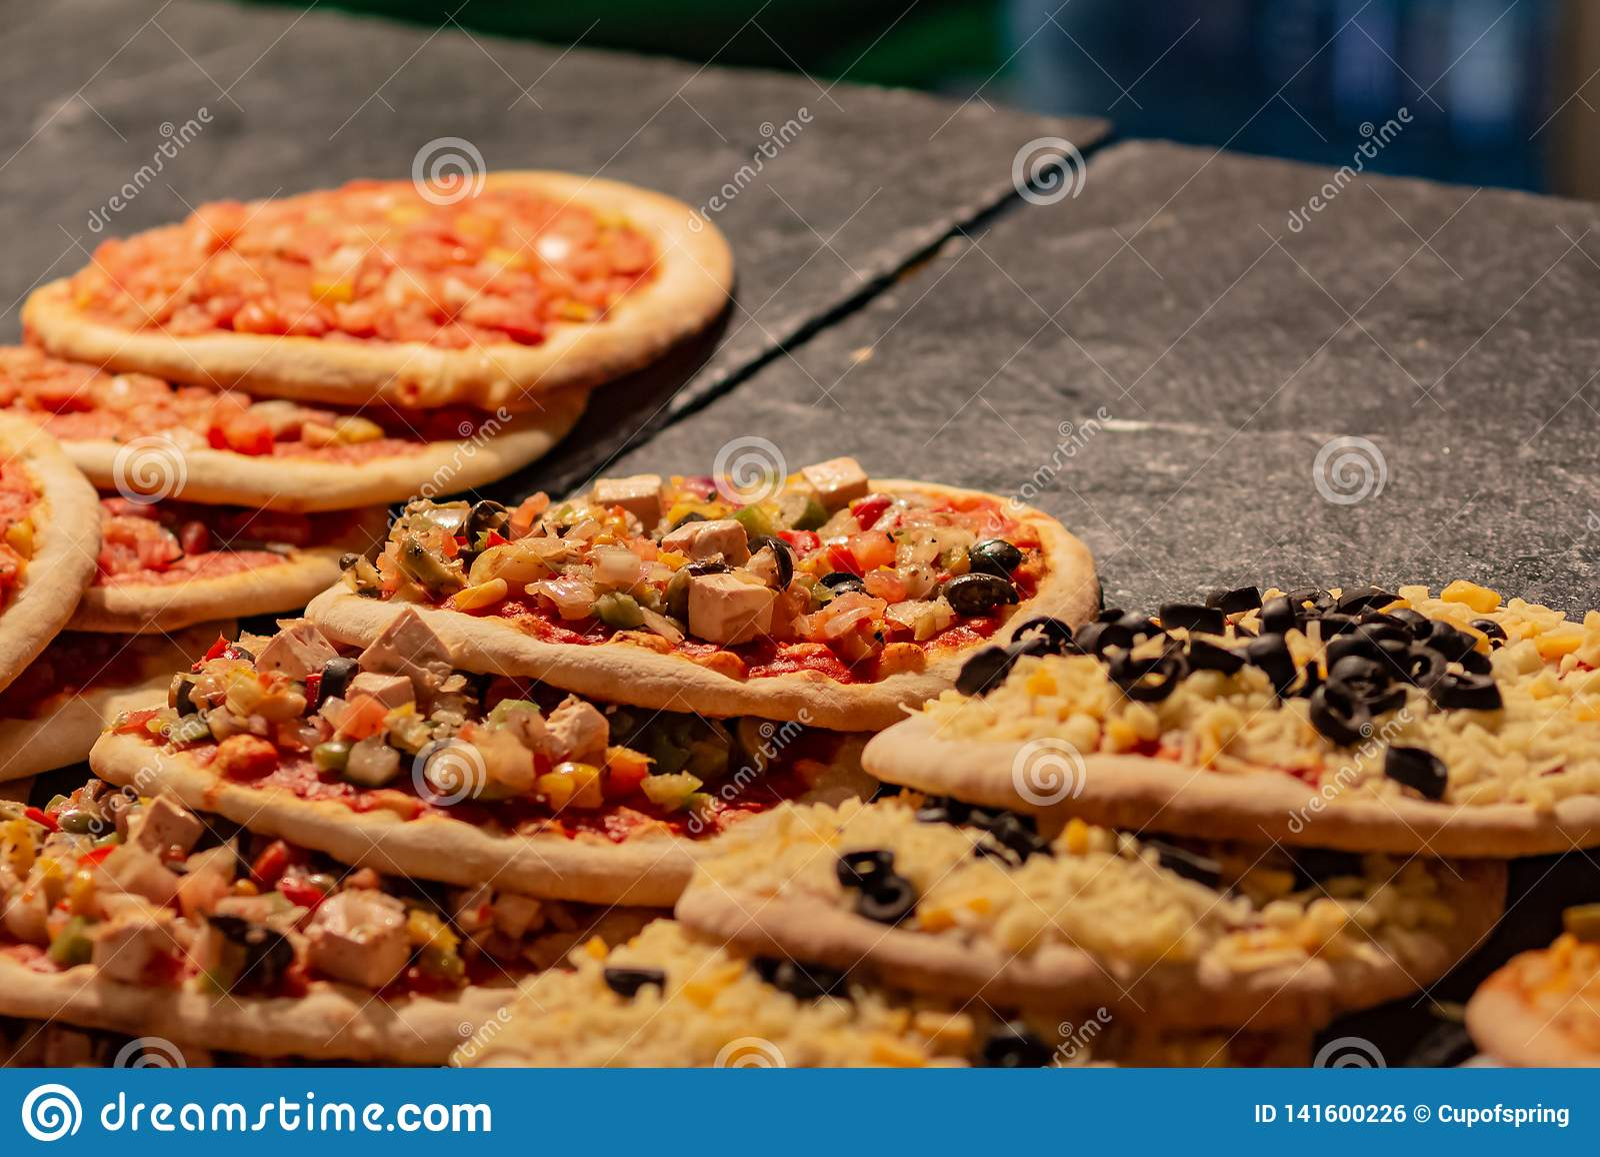 Много небольших горячих пицц на продаже на уличном рынке